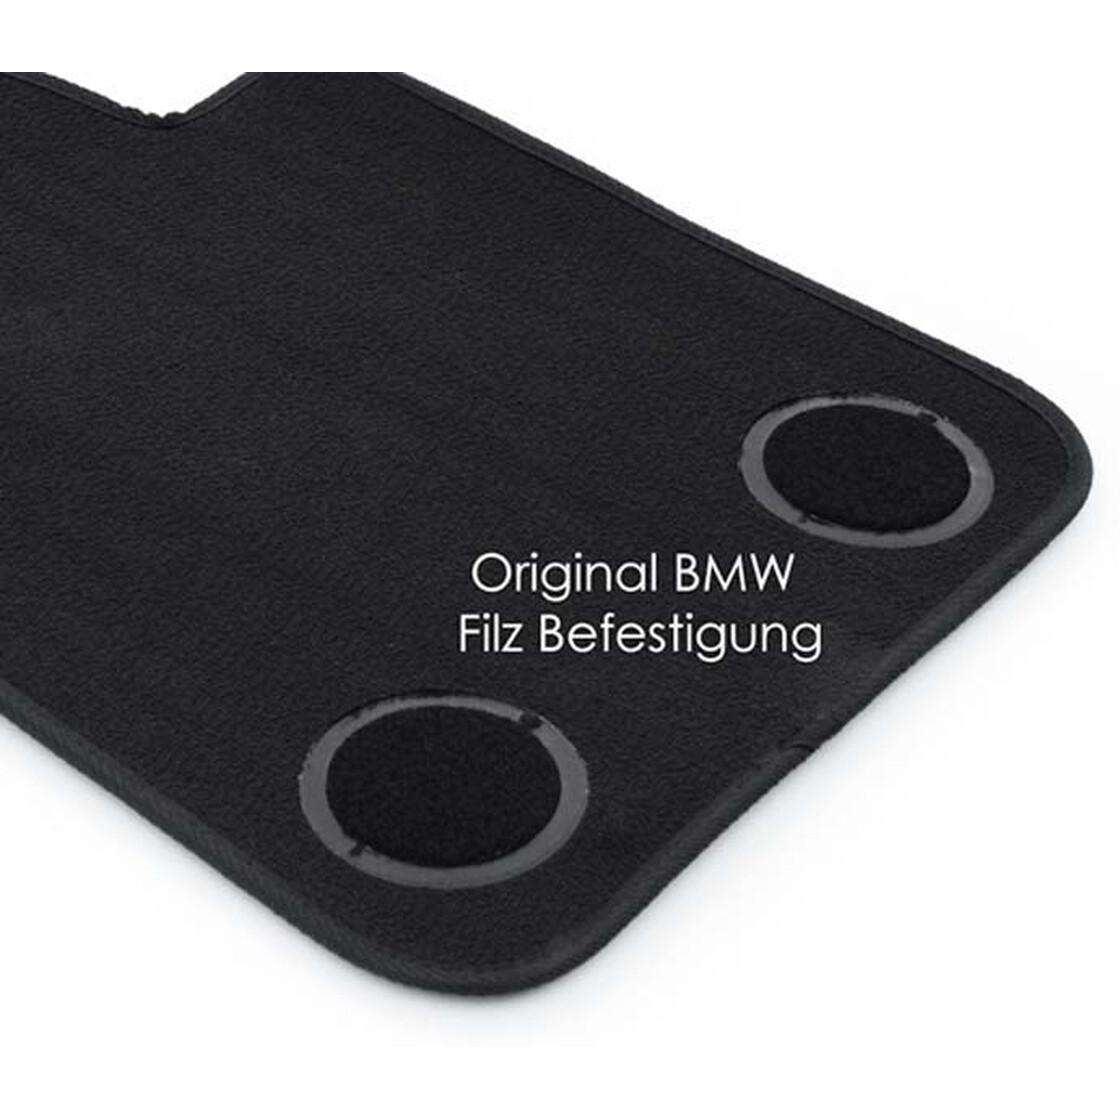 Velours Original Qualität Automatten 4-teilig schwarz F15 Fußmatten BMW X5